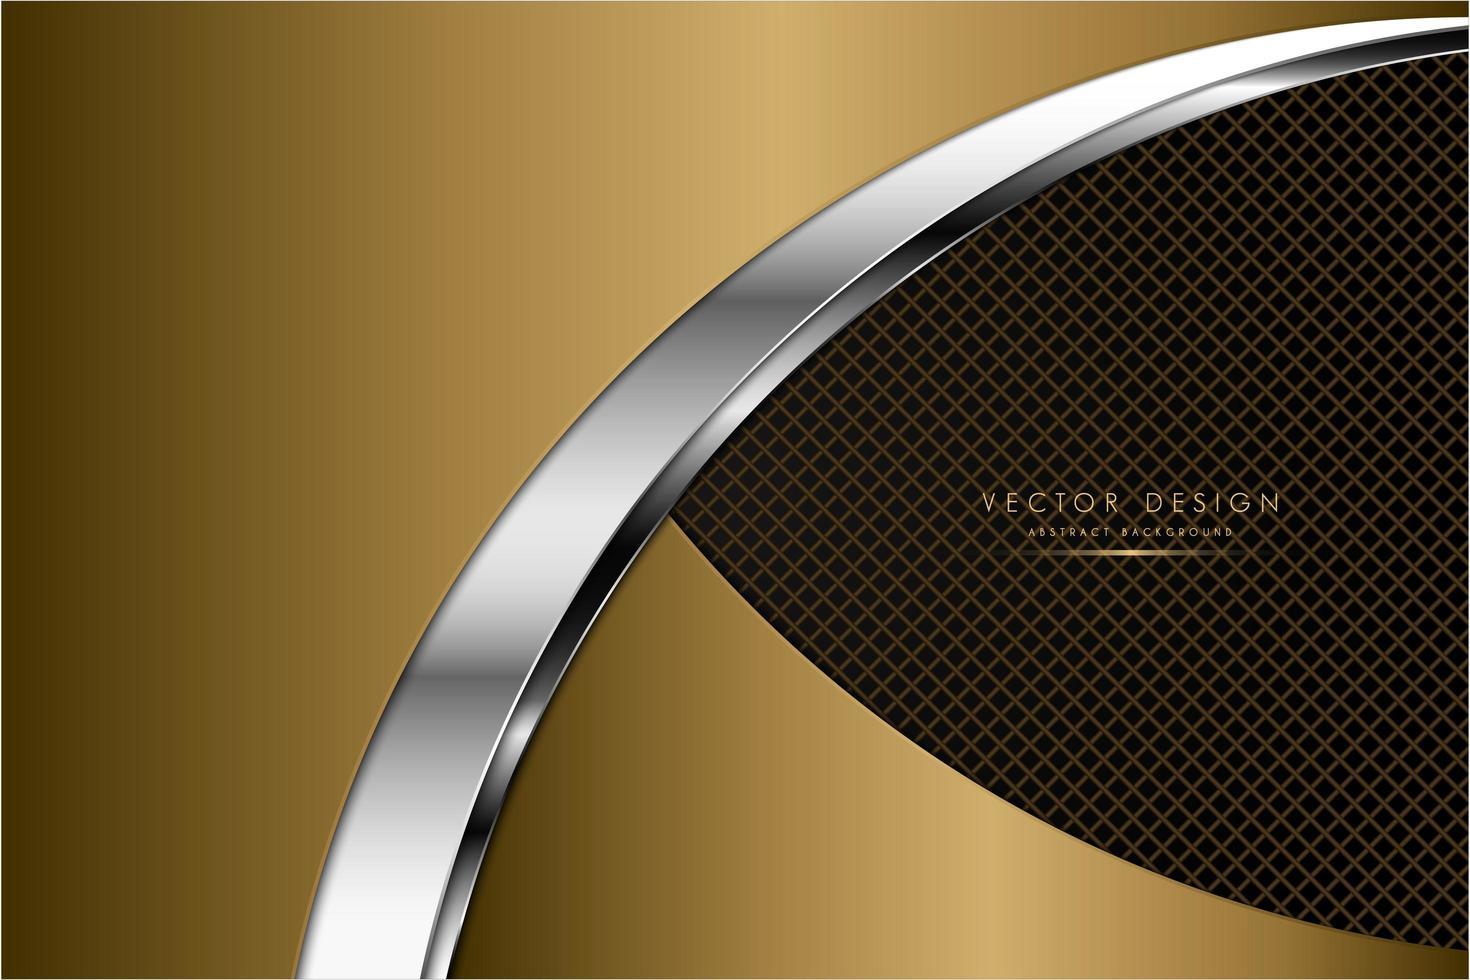 plaques d'or et d'argent incurvées métalliques sur la texture de la grille vecteur